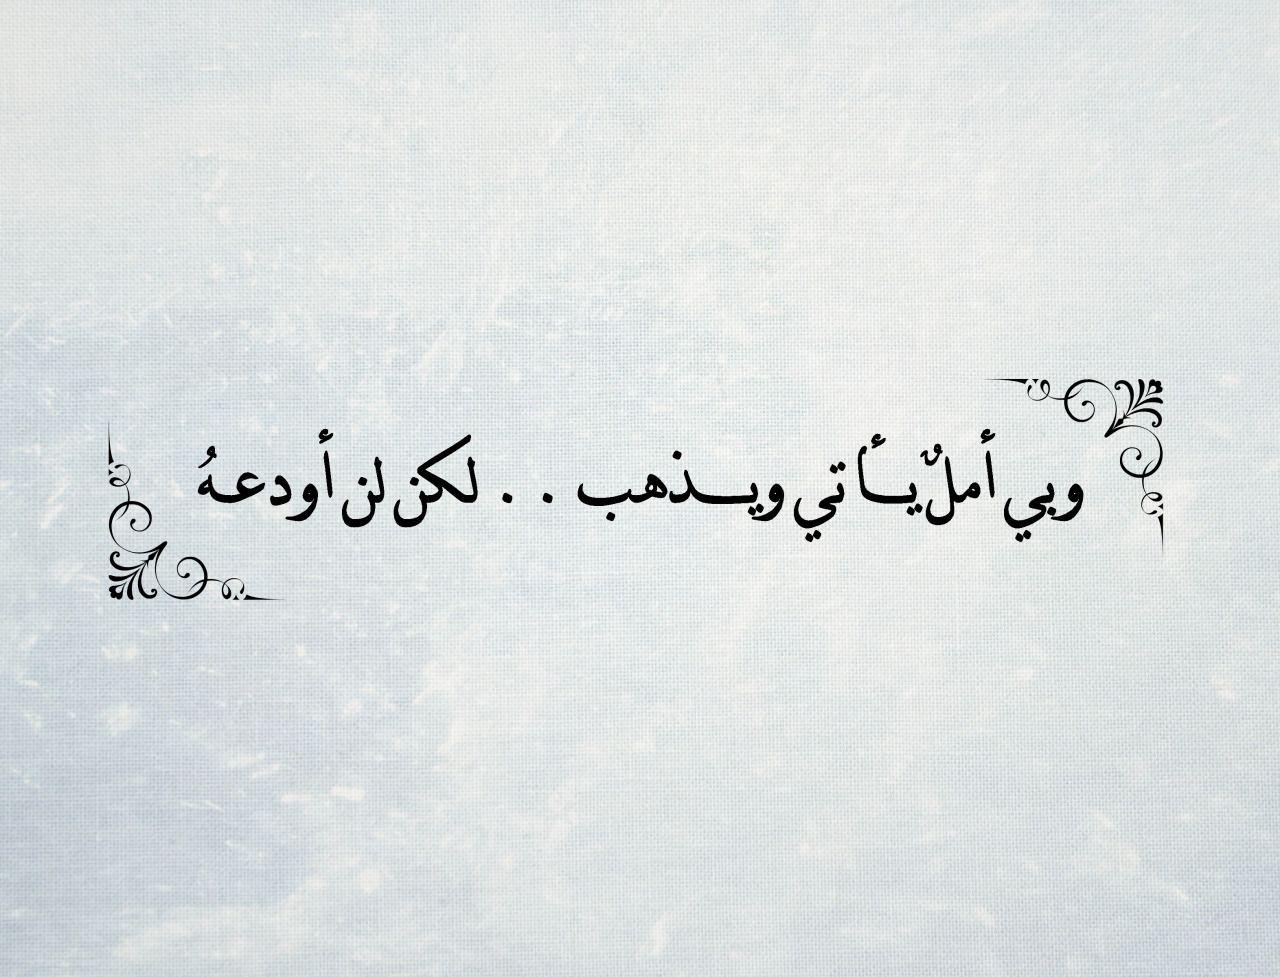 الانثى تحب الاهتمام فلا تبخل بذلك انثى فتاة هي لها بنت اهتمام هو الحب Love Quotes Wallpaper Love Words Funny Arabic Quotes